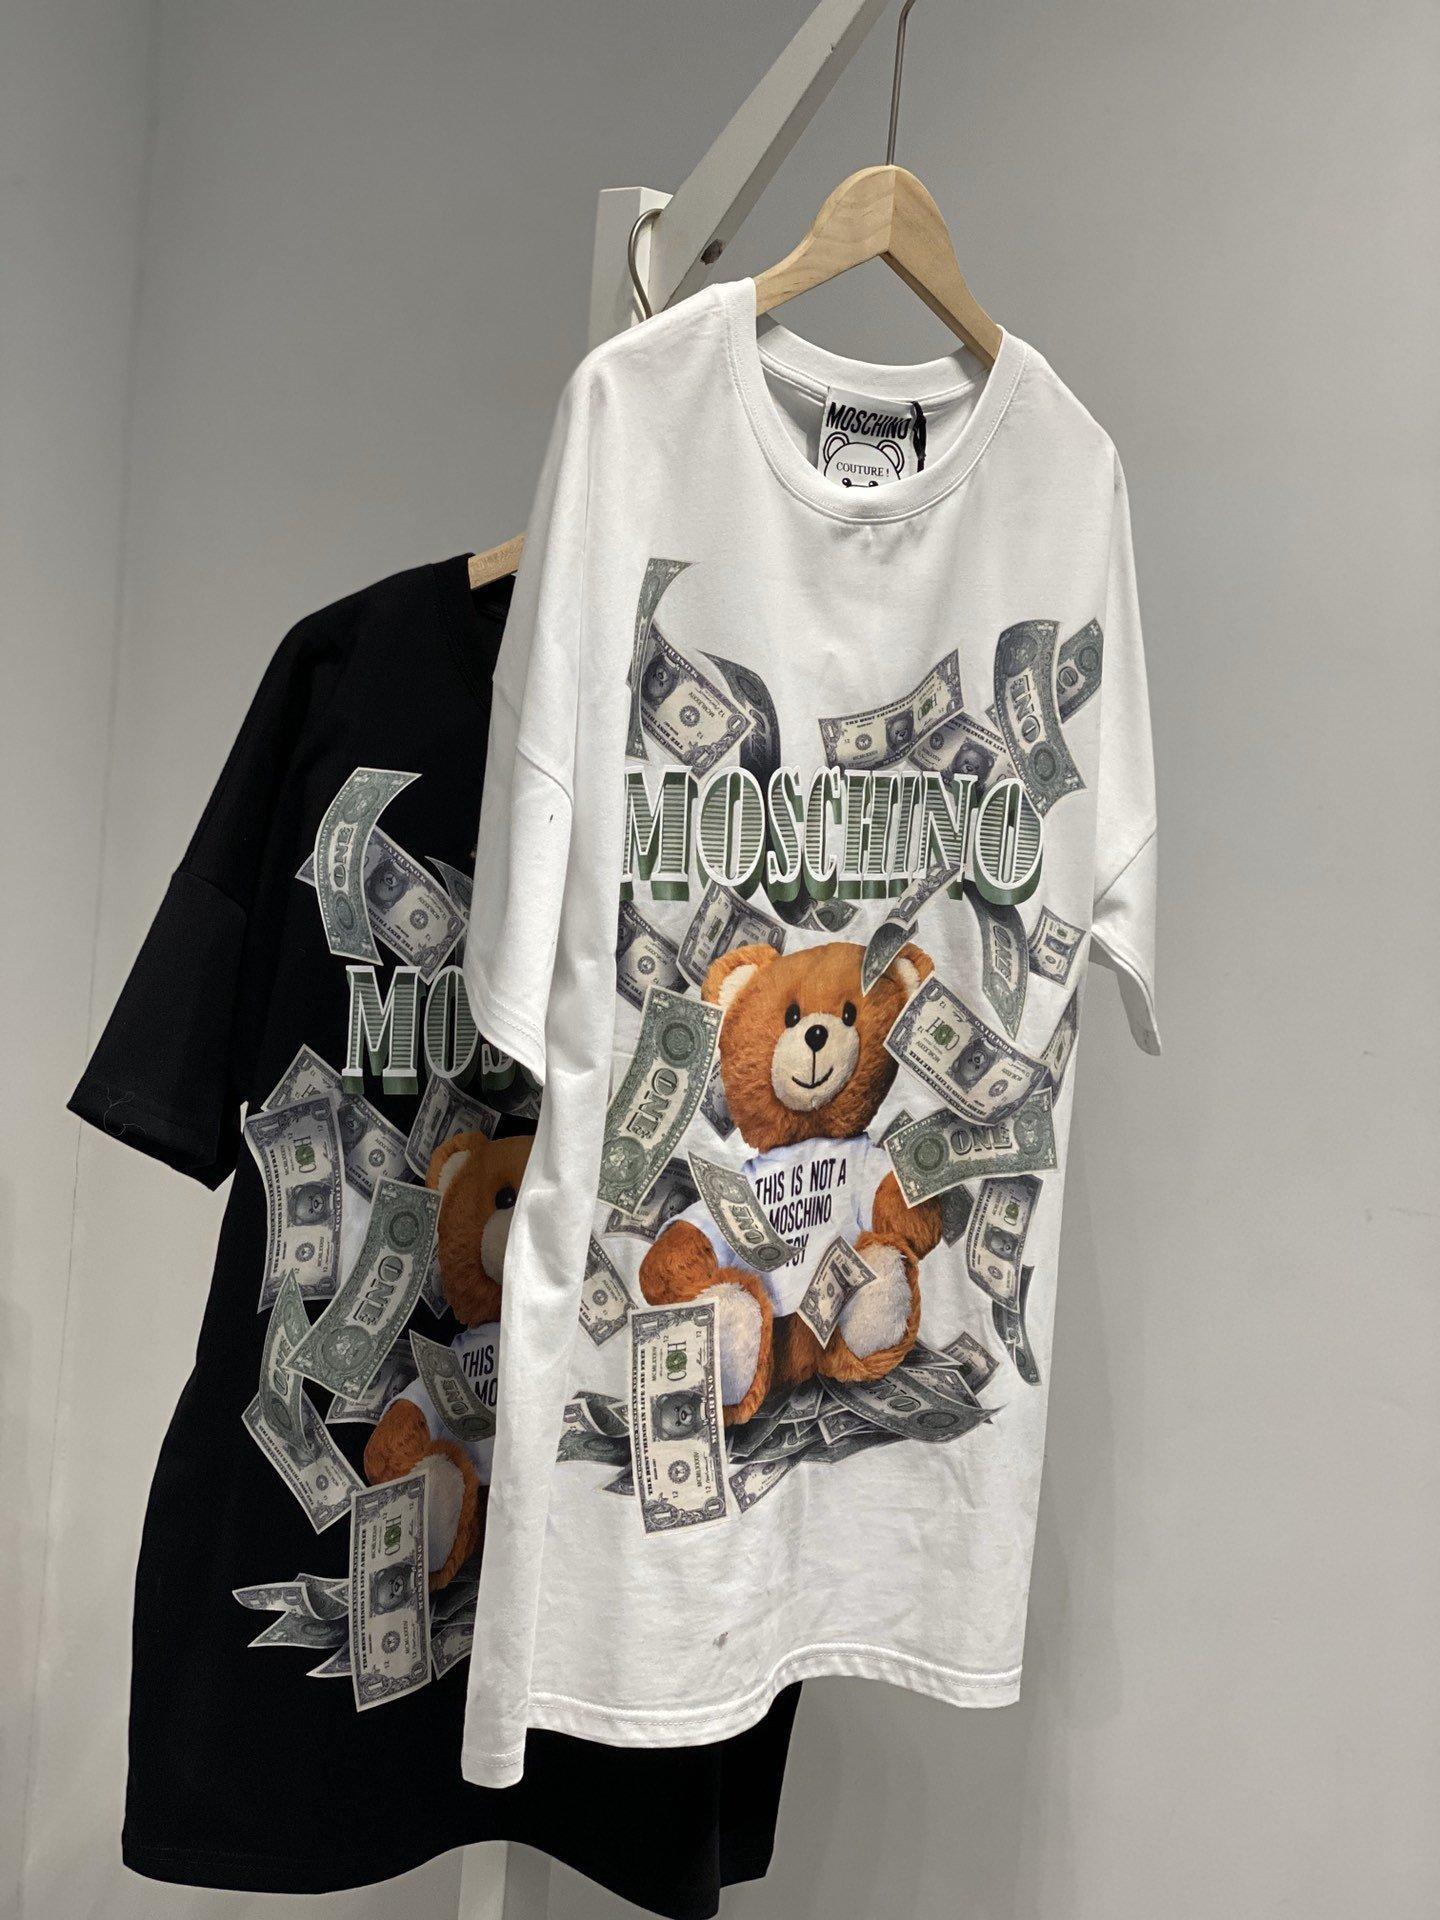 Nouveau printemps Designertshirts années 2020 Femmes Hommes T-shirt New Arrival mode de haute qualité bateau libre de luxe Hommes T-shirt décontracté Asain Taille B105868D